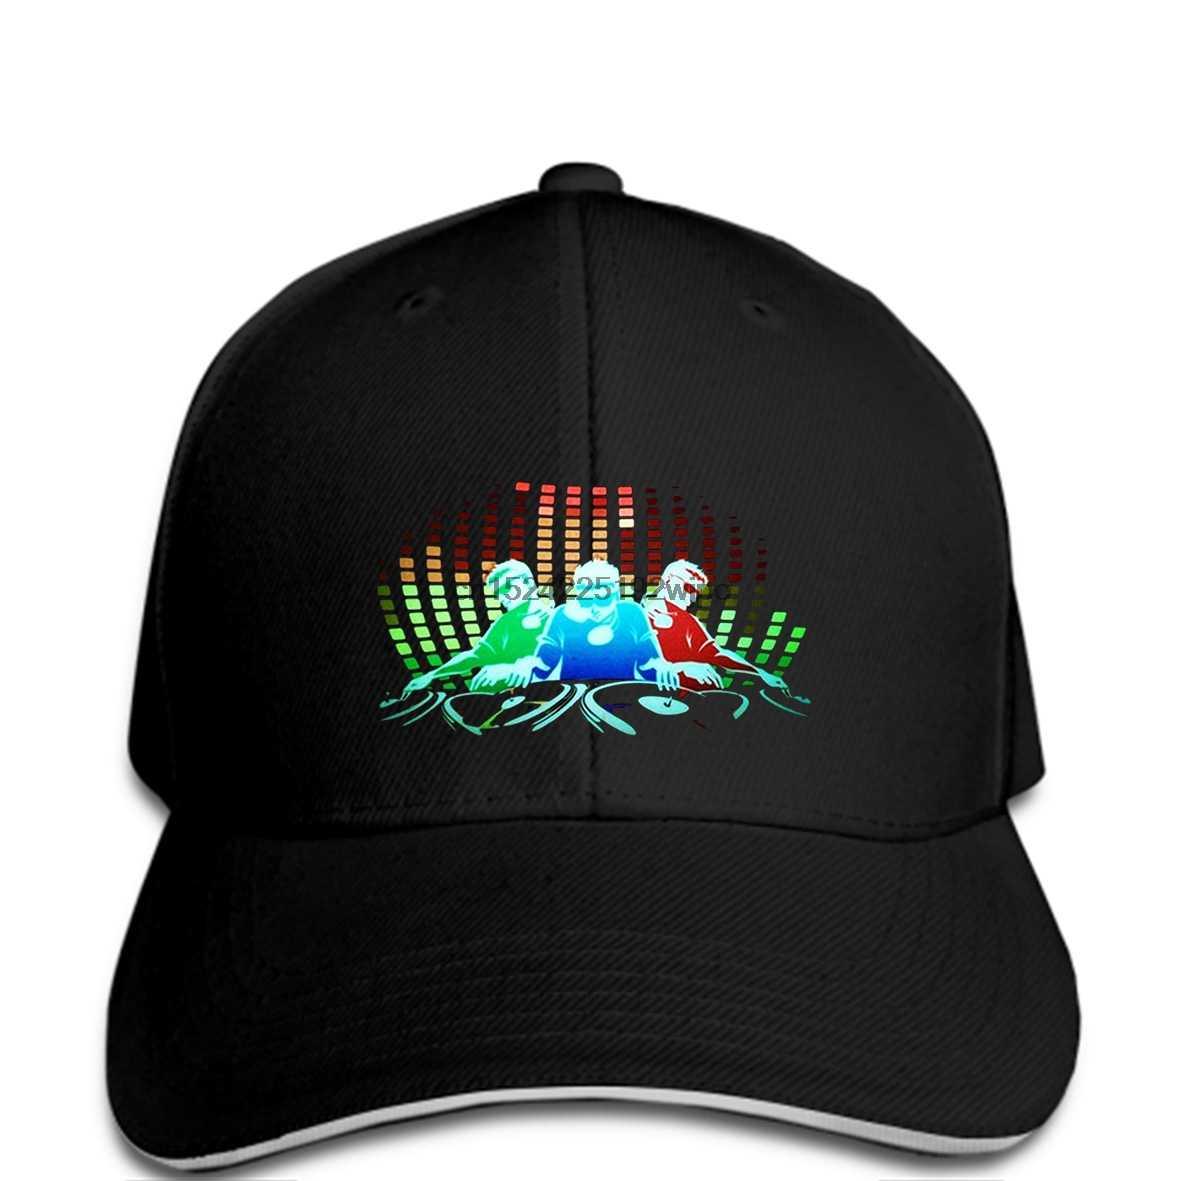 Người đàn ông mũ Bóng Chày Pin Điều Khiển DJ Âm Thanh Kích Hoạt Ánh Sáng Up Đảng Flashing Disco EL LED mới lạ cap phụ nữ